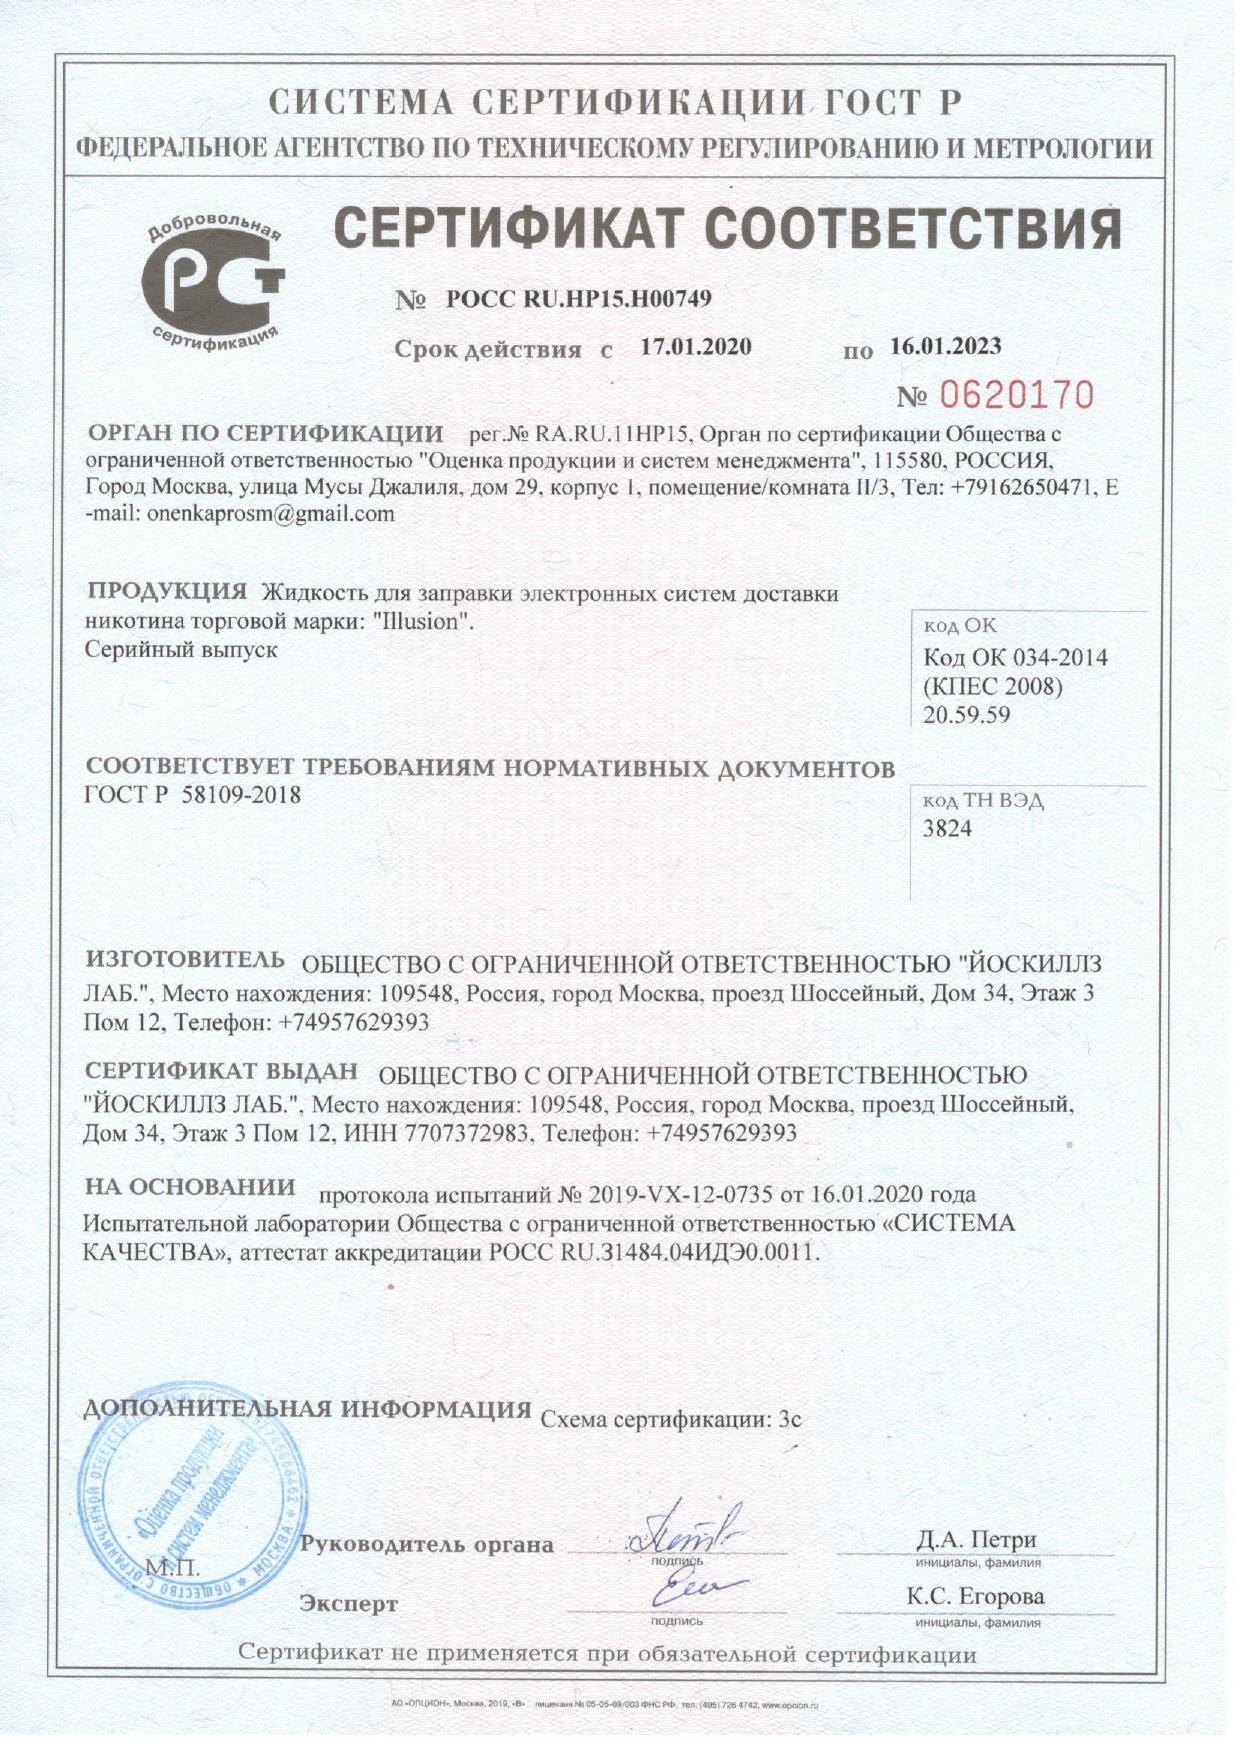 Сертификаты на сигареты купить в сигареты кэмел купить в москве